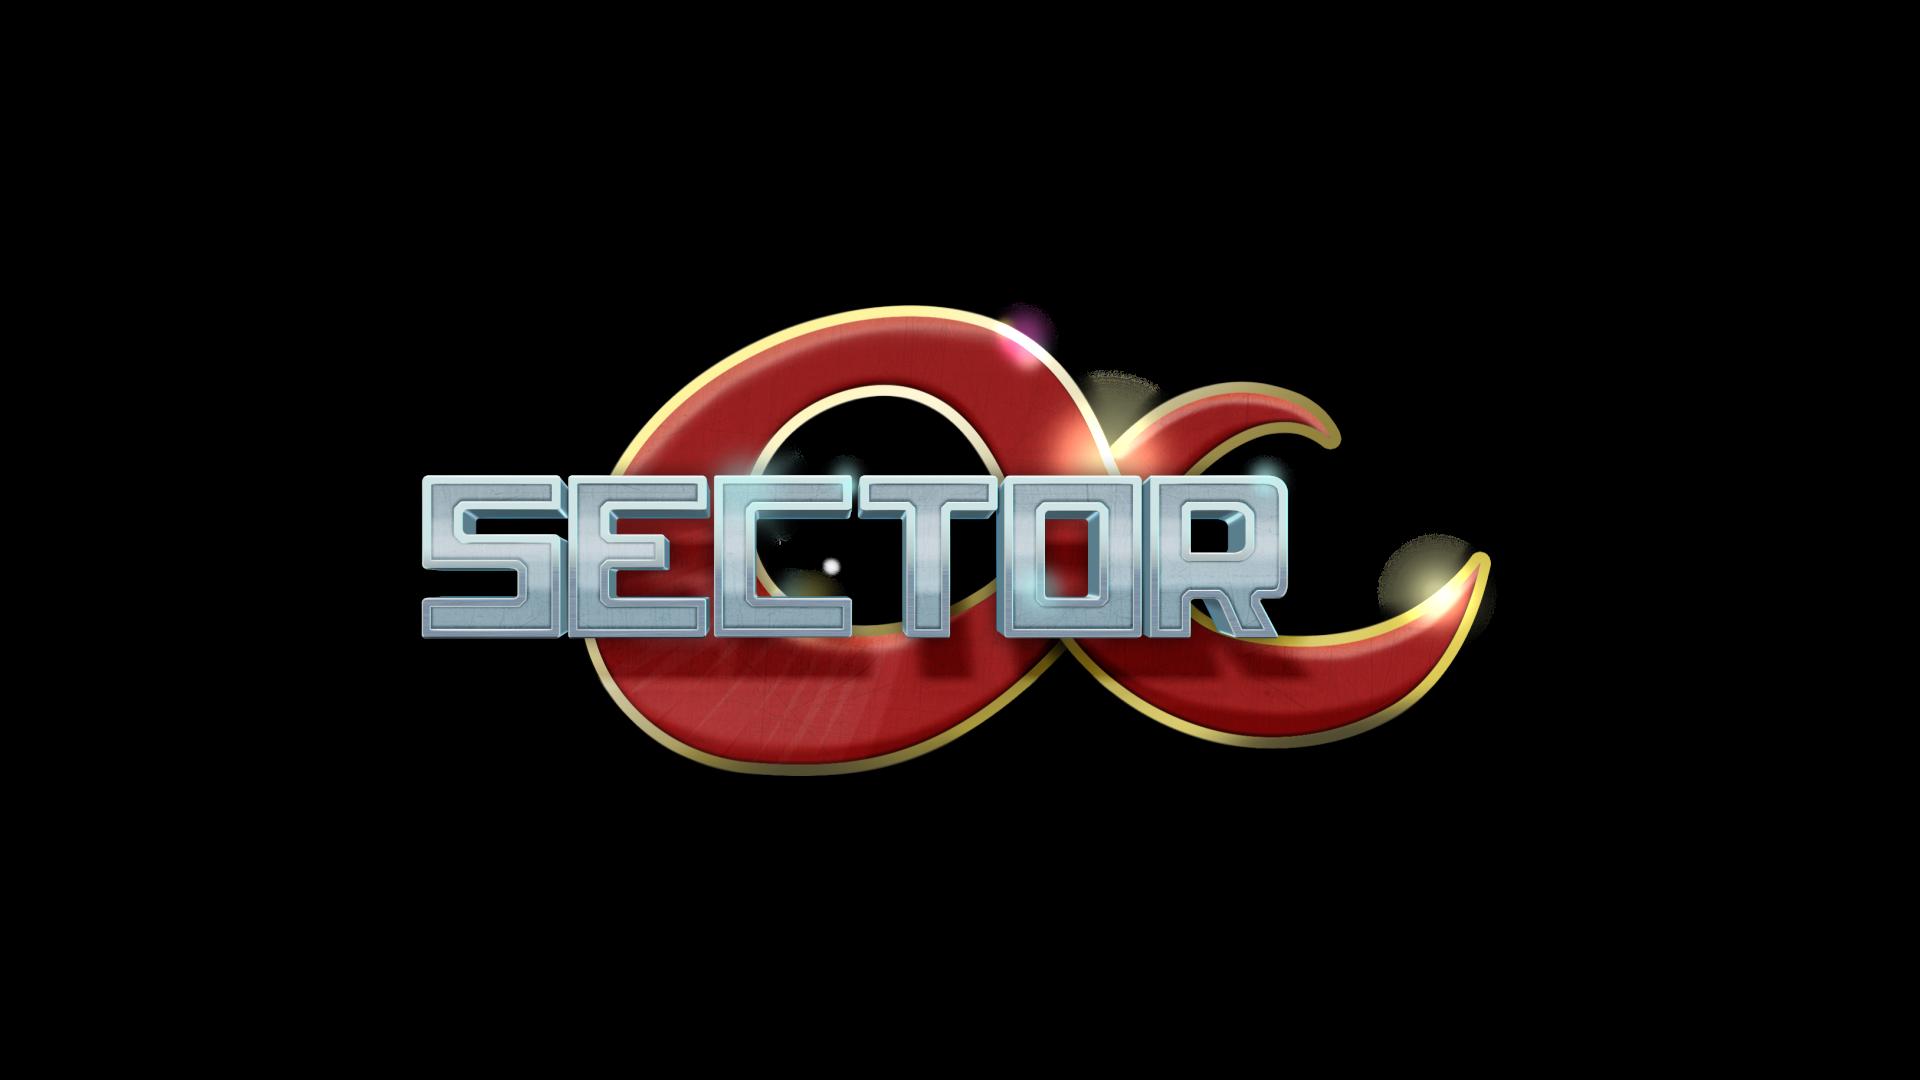 Sector Alpha